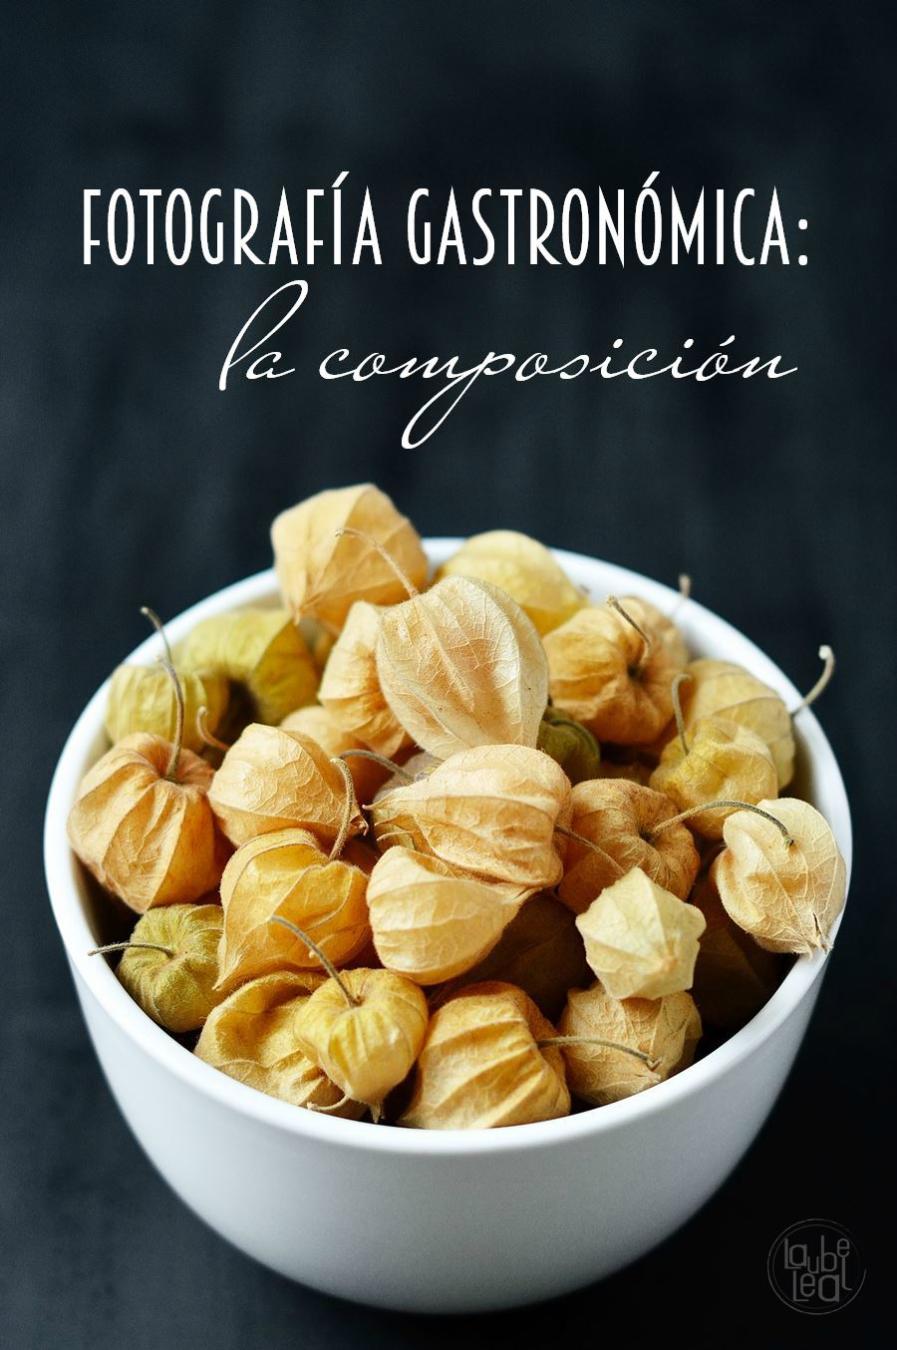 Fotografía gastronómica (IX): la composición más estilosa para resaltar nuestras recetas